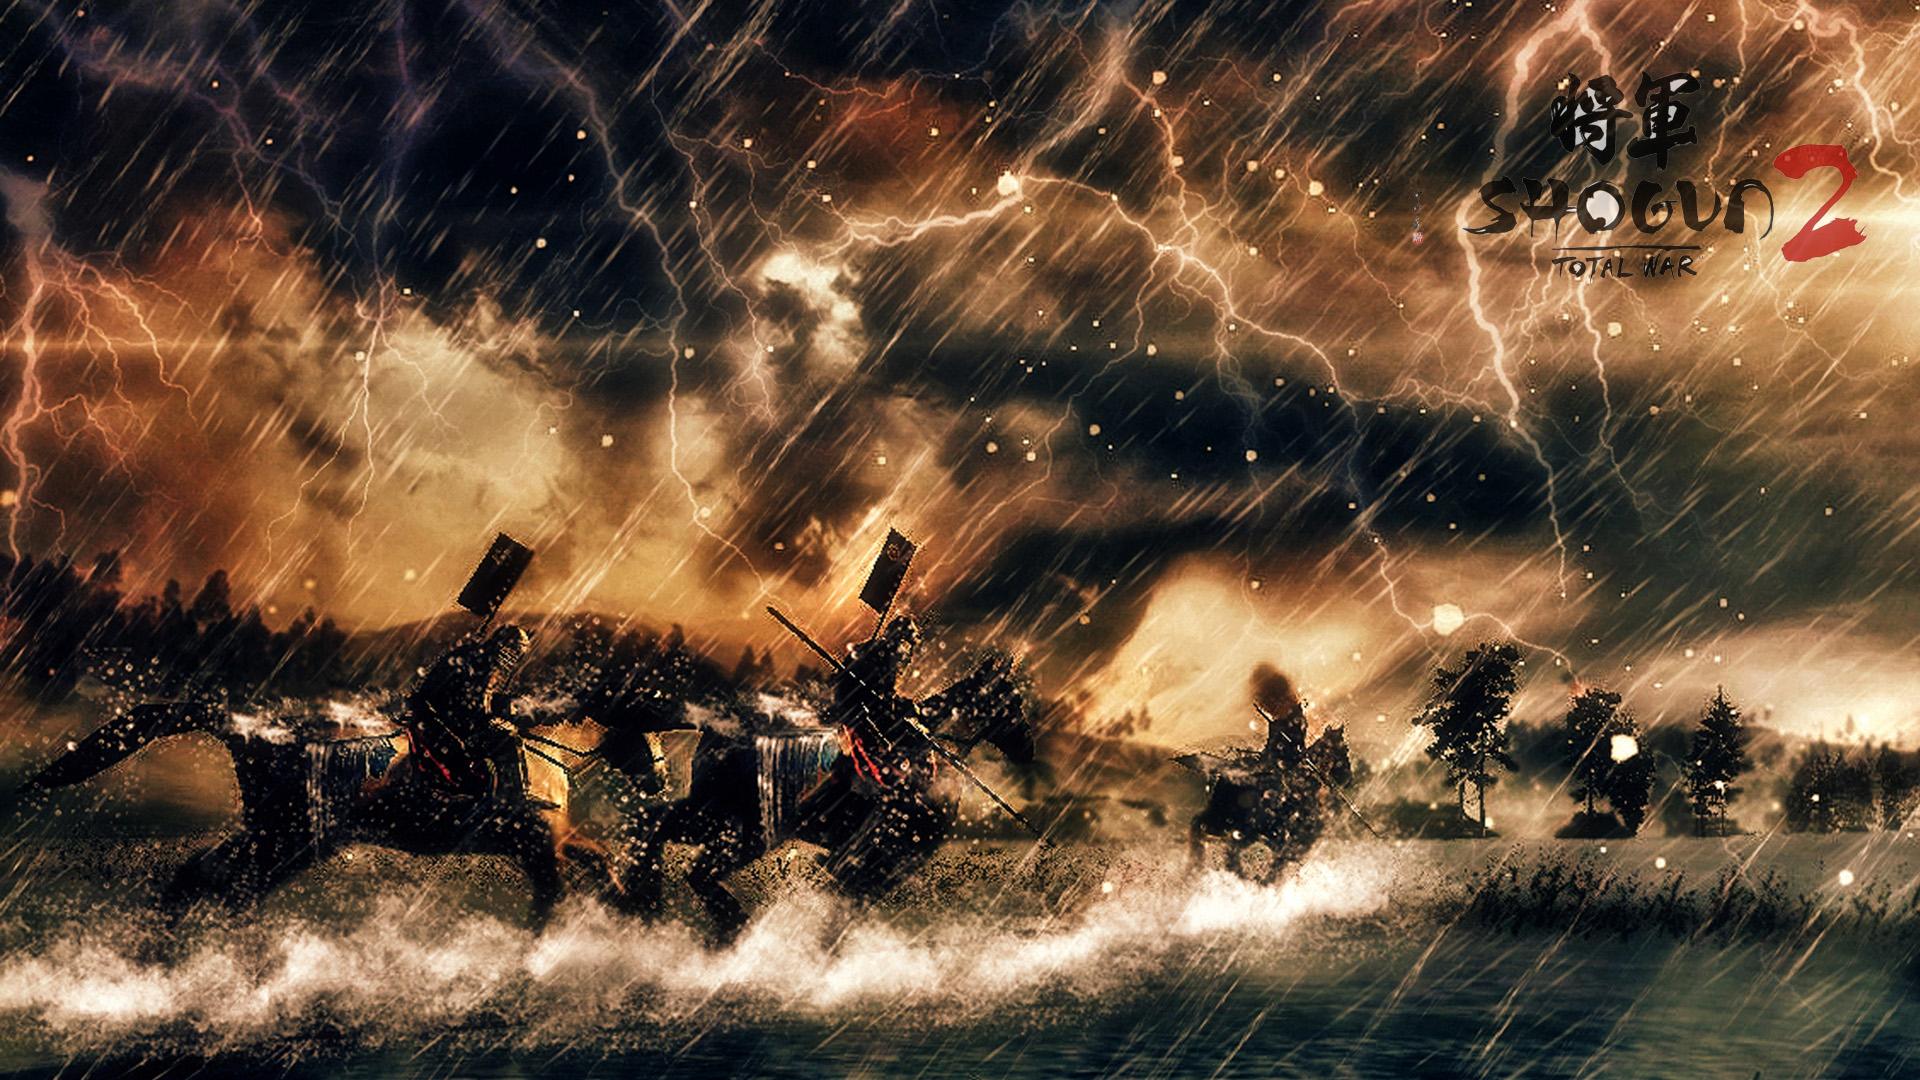 Shogun 2 Total War Desktop Backgrounds 1494368 Hd Wallpaper